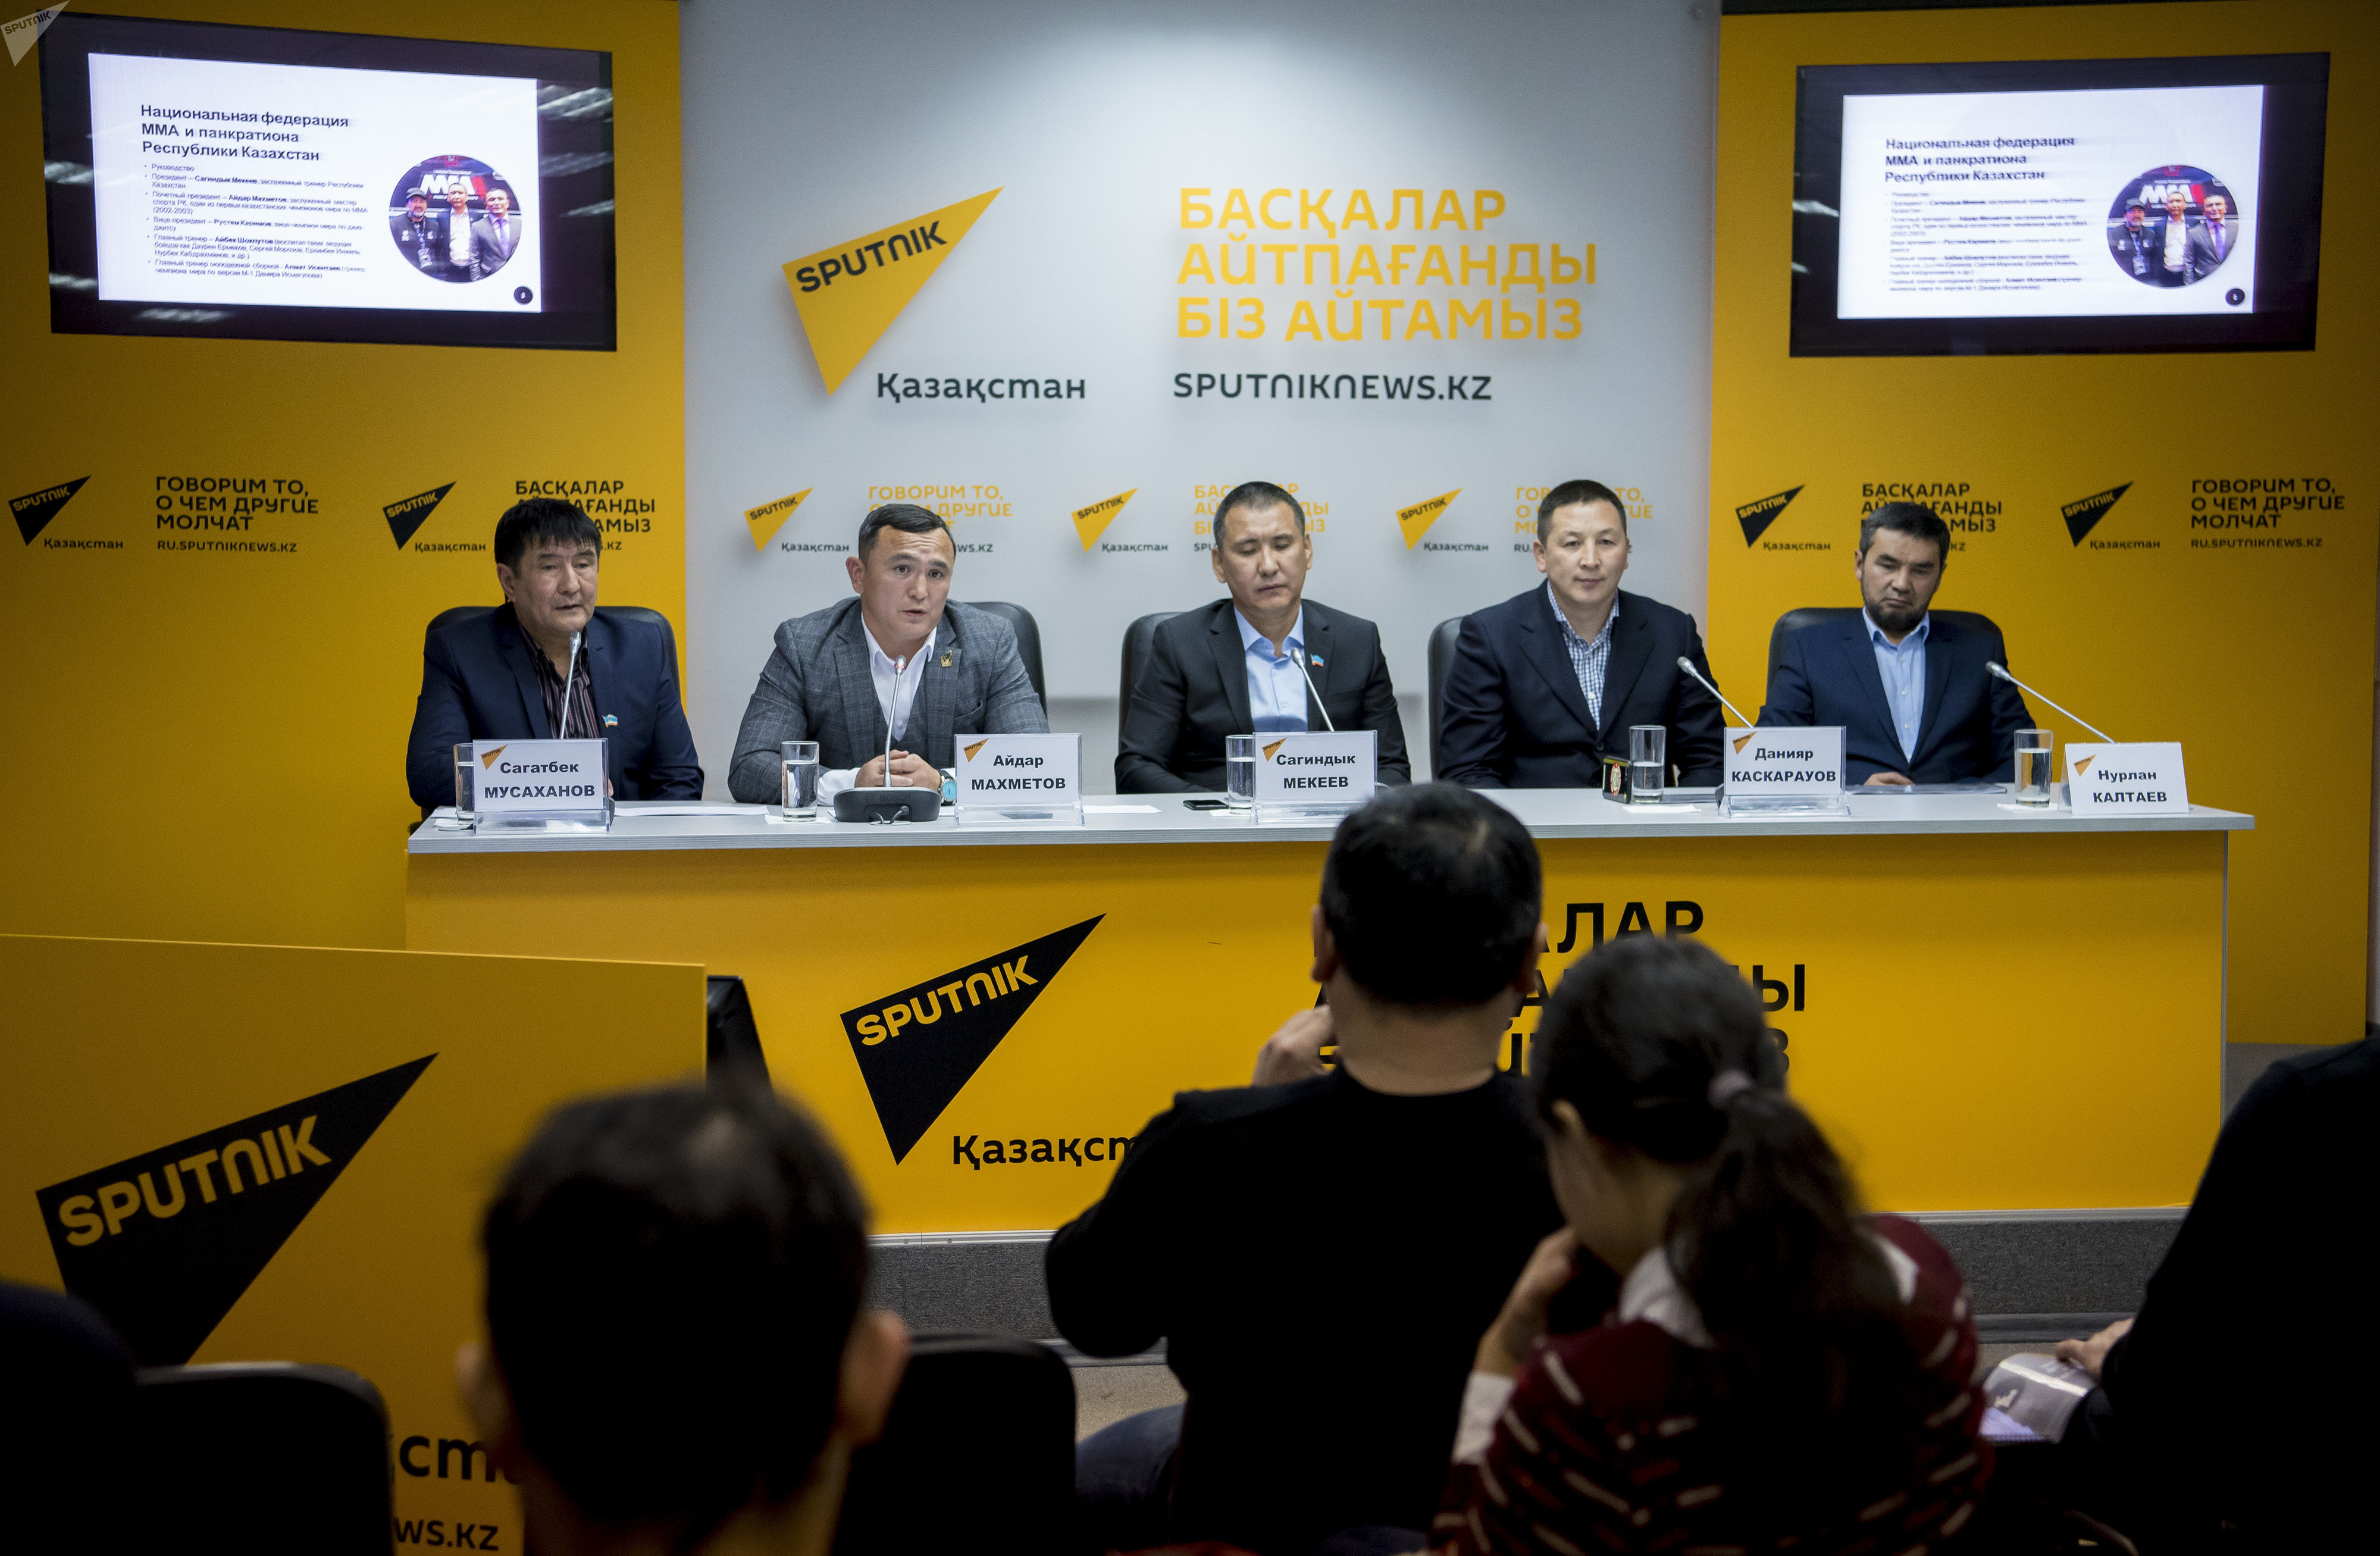 Пресс-конференция Национальной федерации по ММА и панкратиону в пресс-центре Sputnik Казахстан